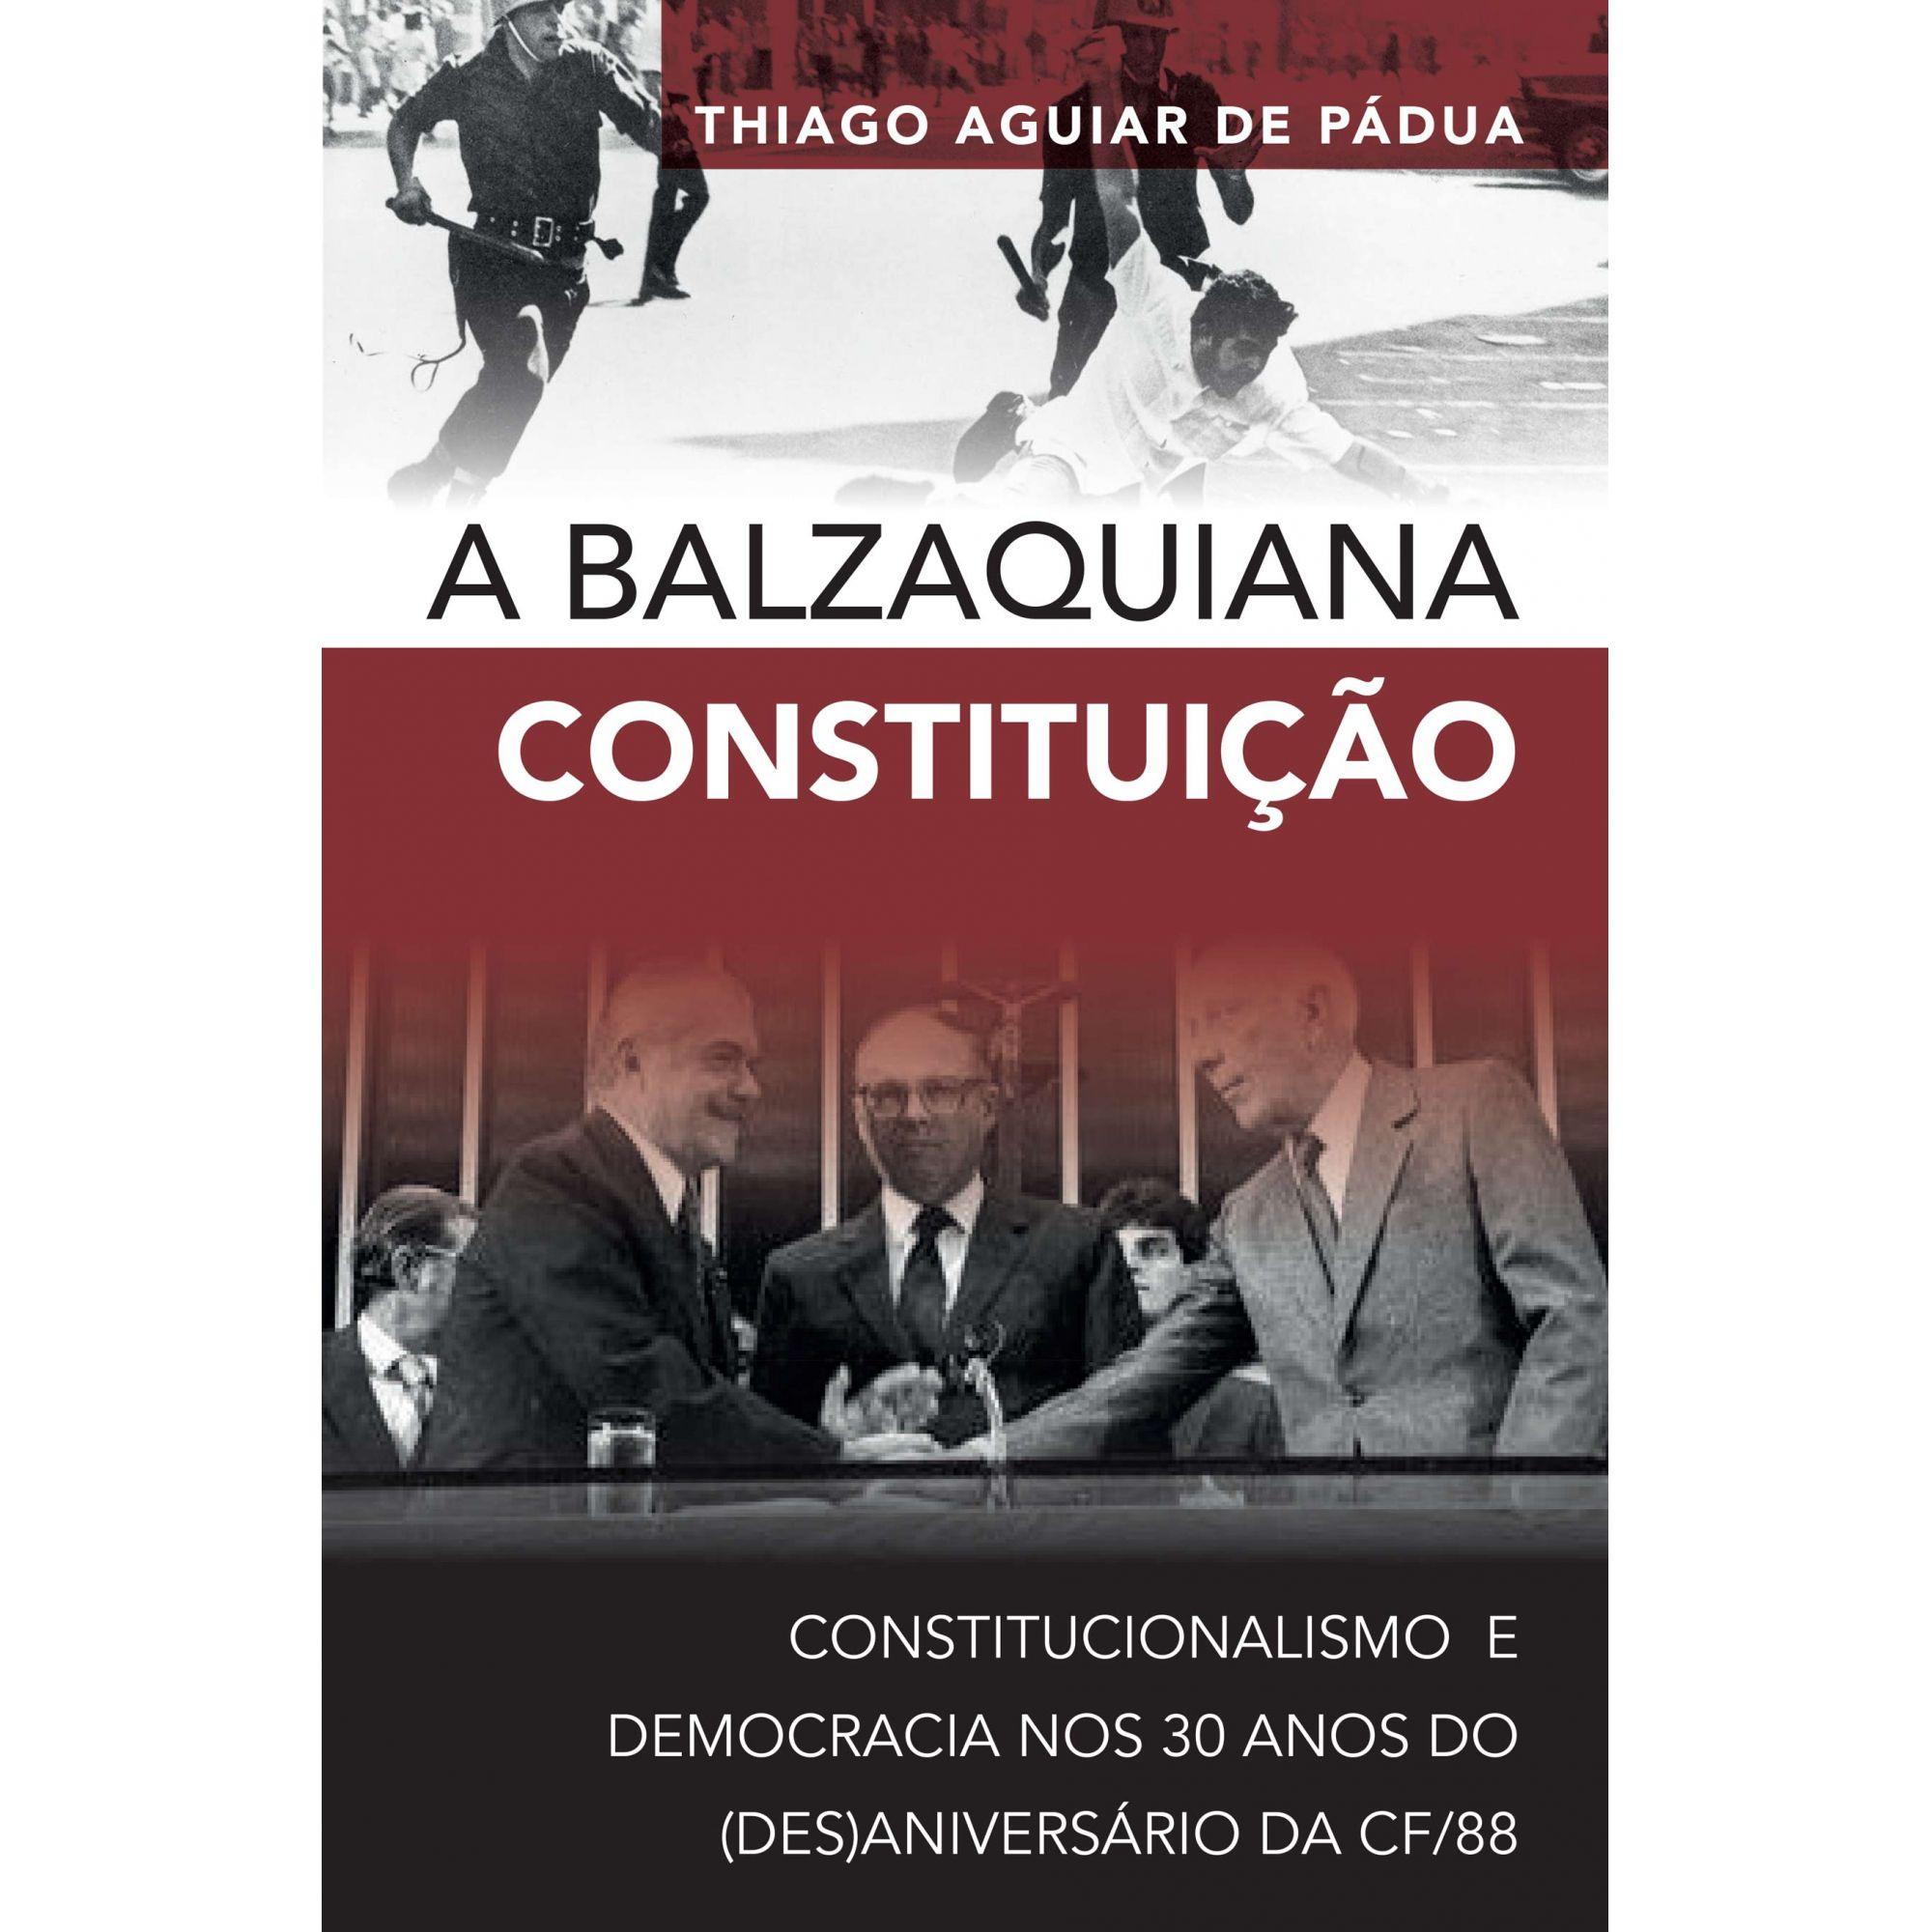 A balzaquiana constituição